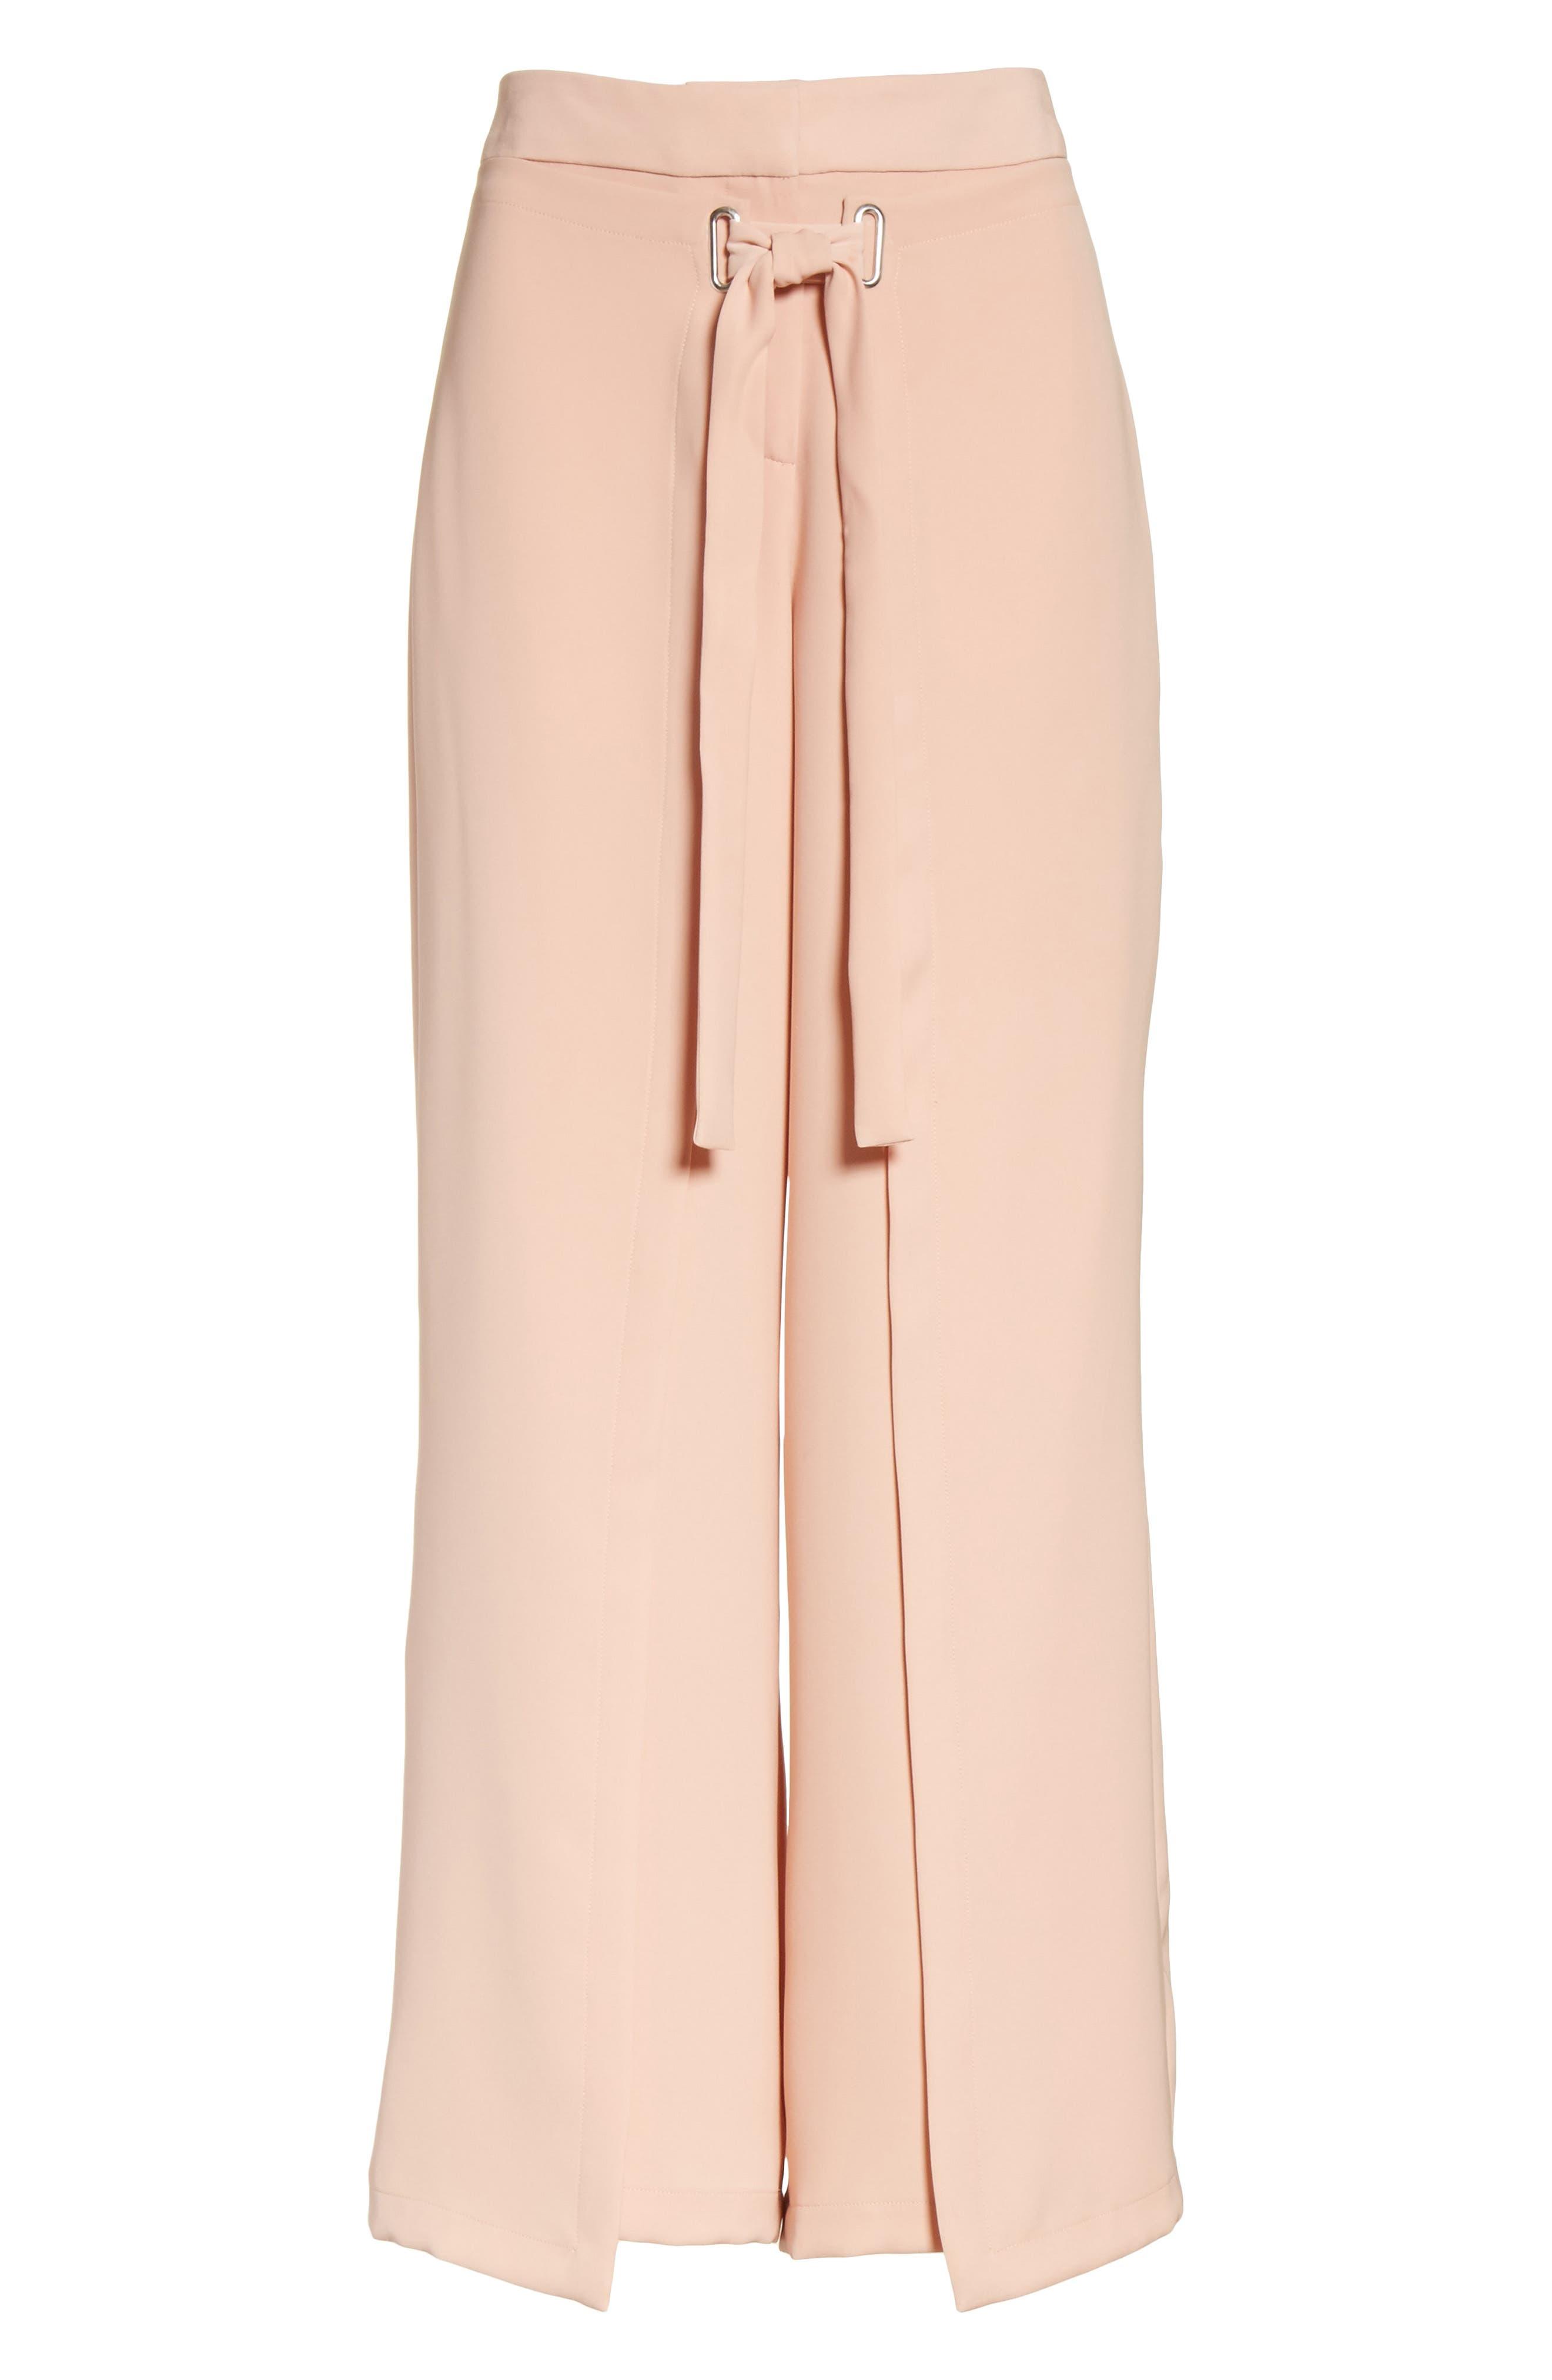 Tie Front Wrap Pants,                             Alternate thumbnail 6, color,                             Blush Pink